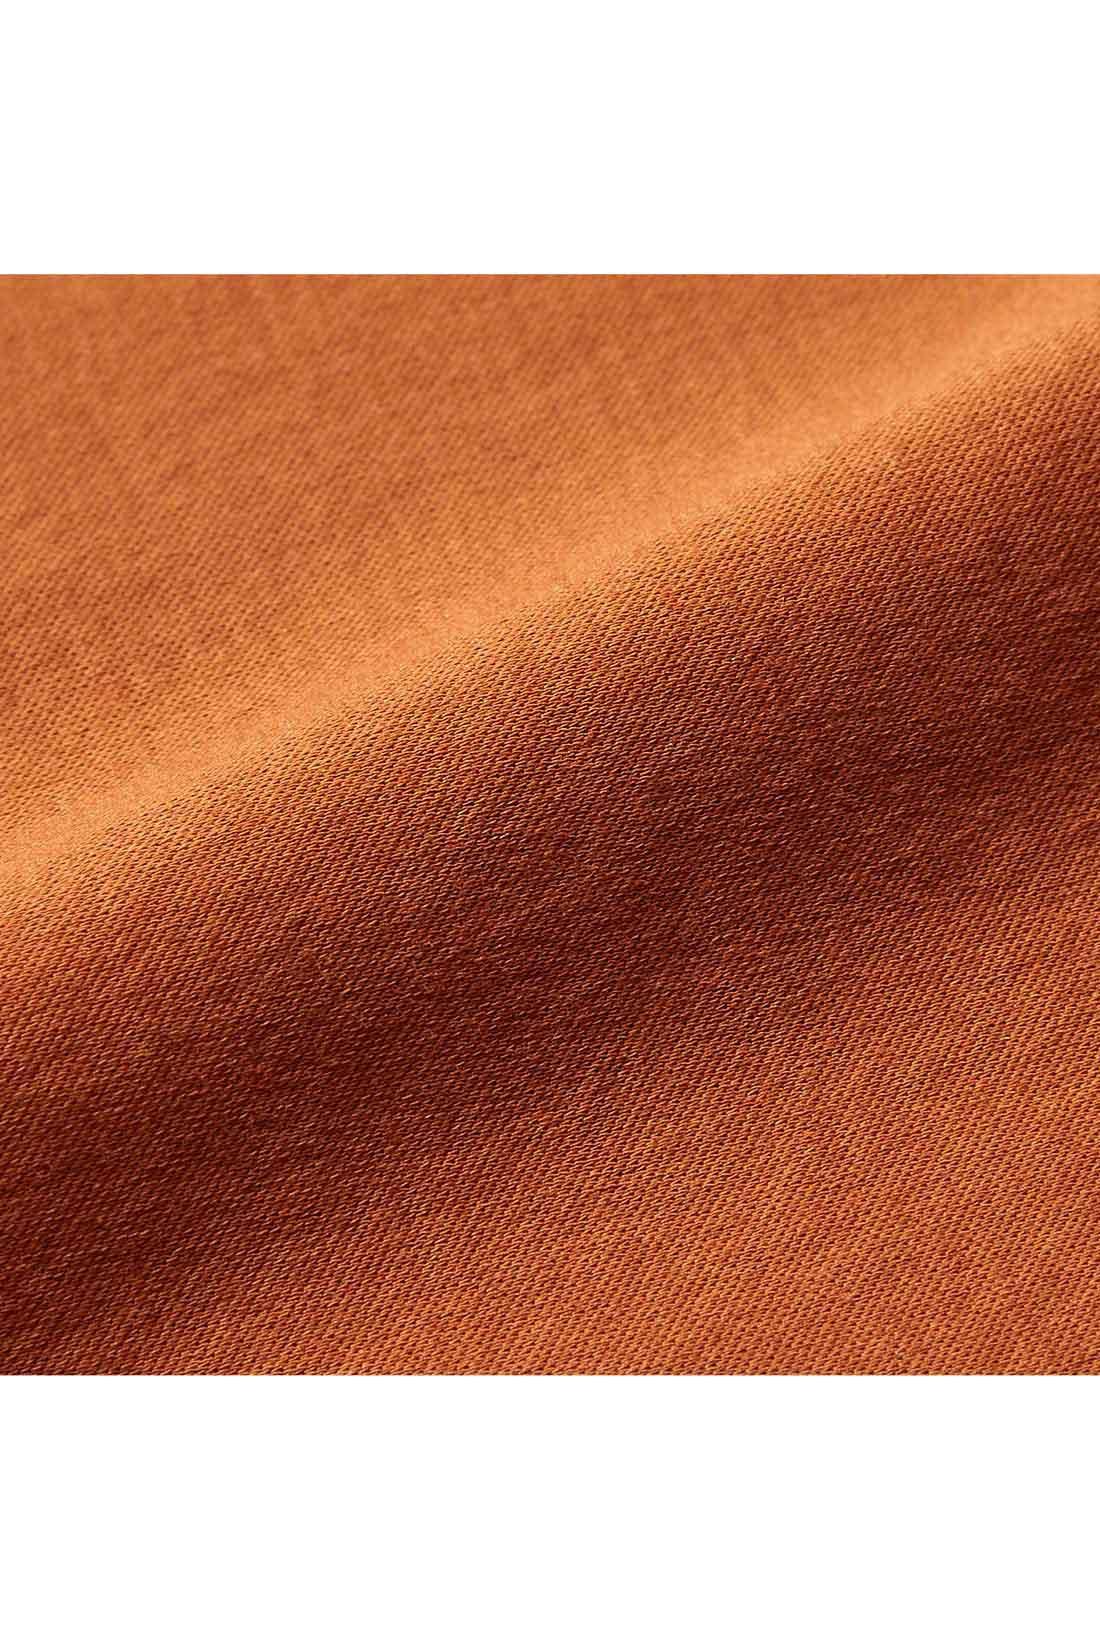 さらりと快適な吸汗速乾加工のシルケット素材 汗ばむ日もさらりとした肌ざわりをキープできる吸汗速乾加工素材で、シルクのような艶やかな表情です。しわになりにくく、気軽に洗濯機で洗えます。